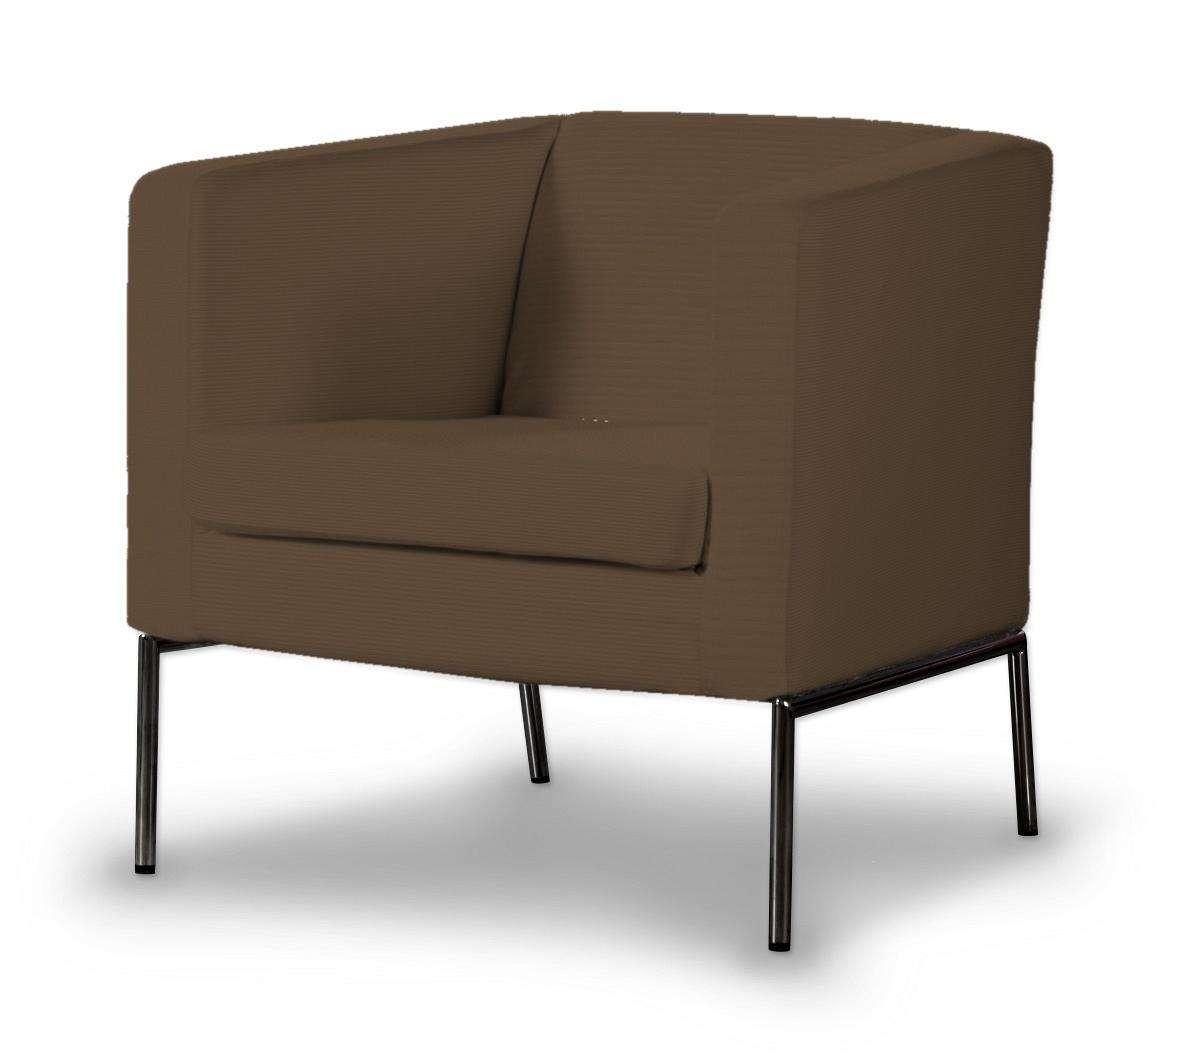 Pokrowiec na fotel Klappsta Fotel Klappsta w kolekcji Cotton Panama, tkanina: 702-02